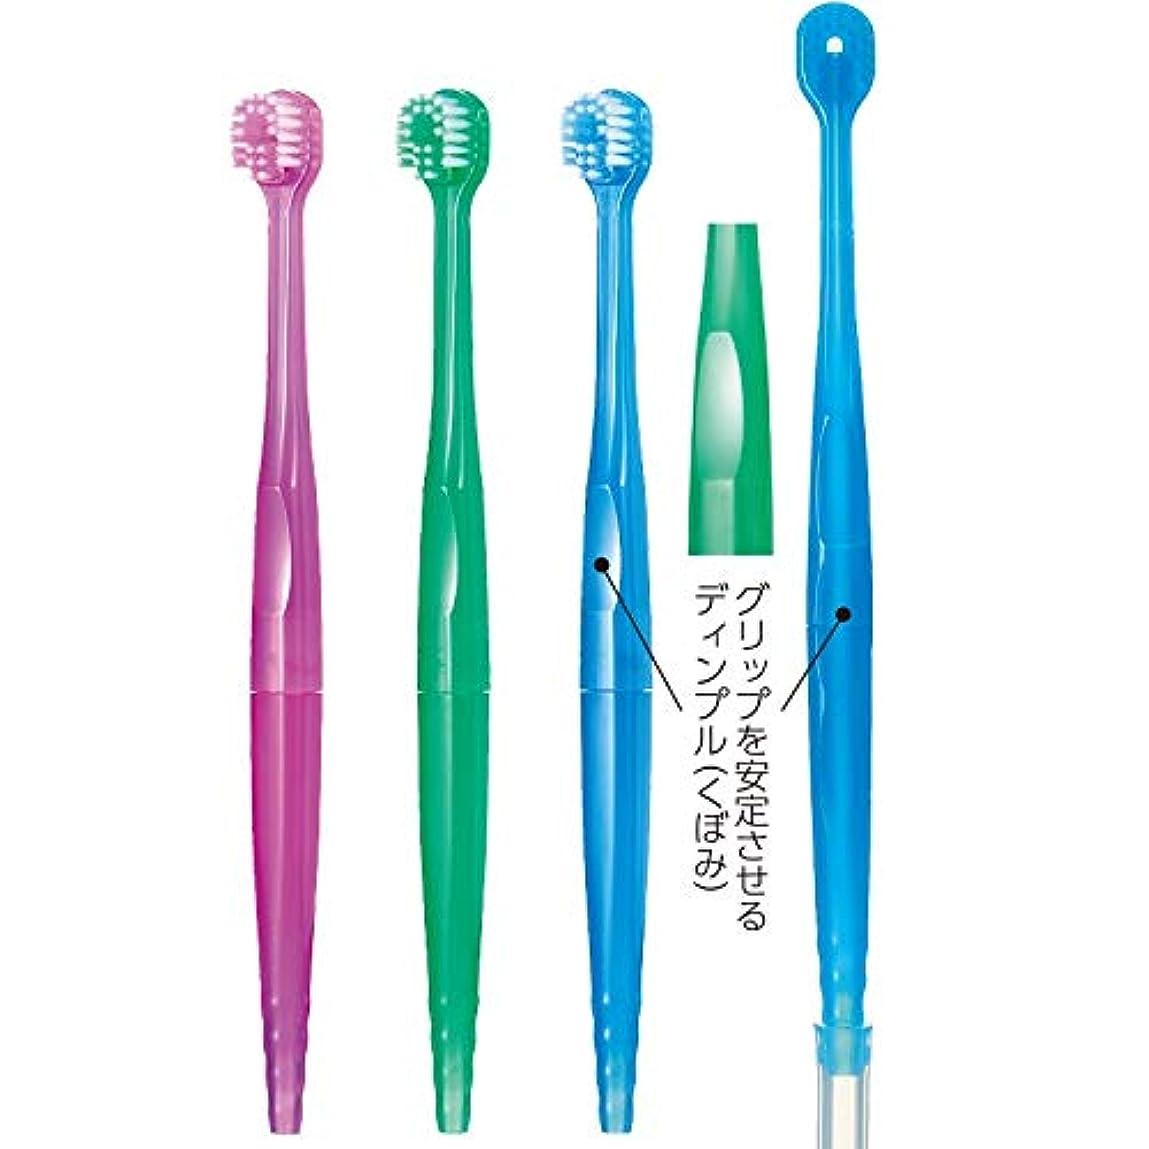 ドット寝てる狂人Ci Qin歯ブラシ(吸引歯ブラシ) /12本